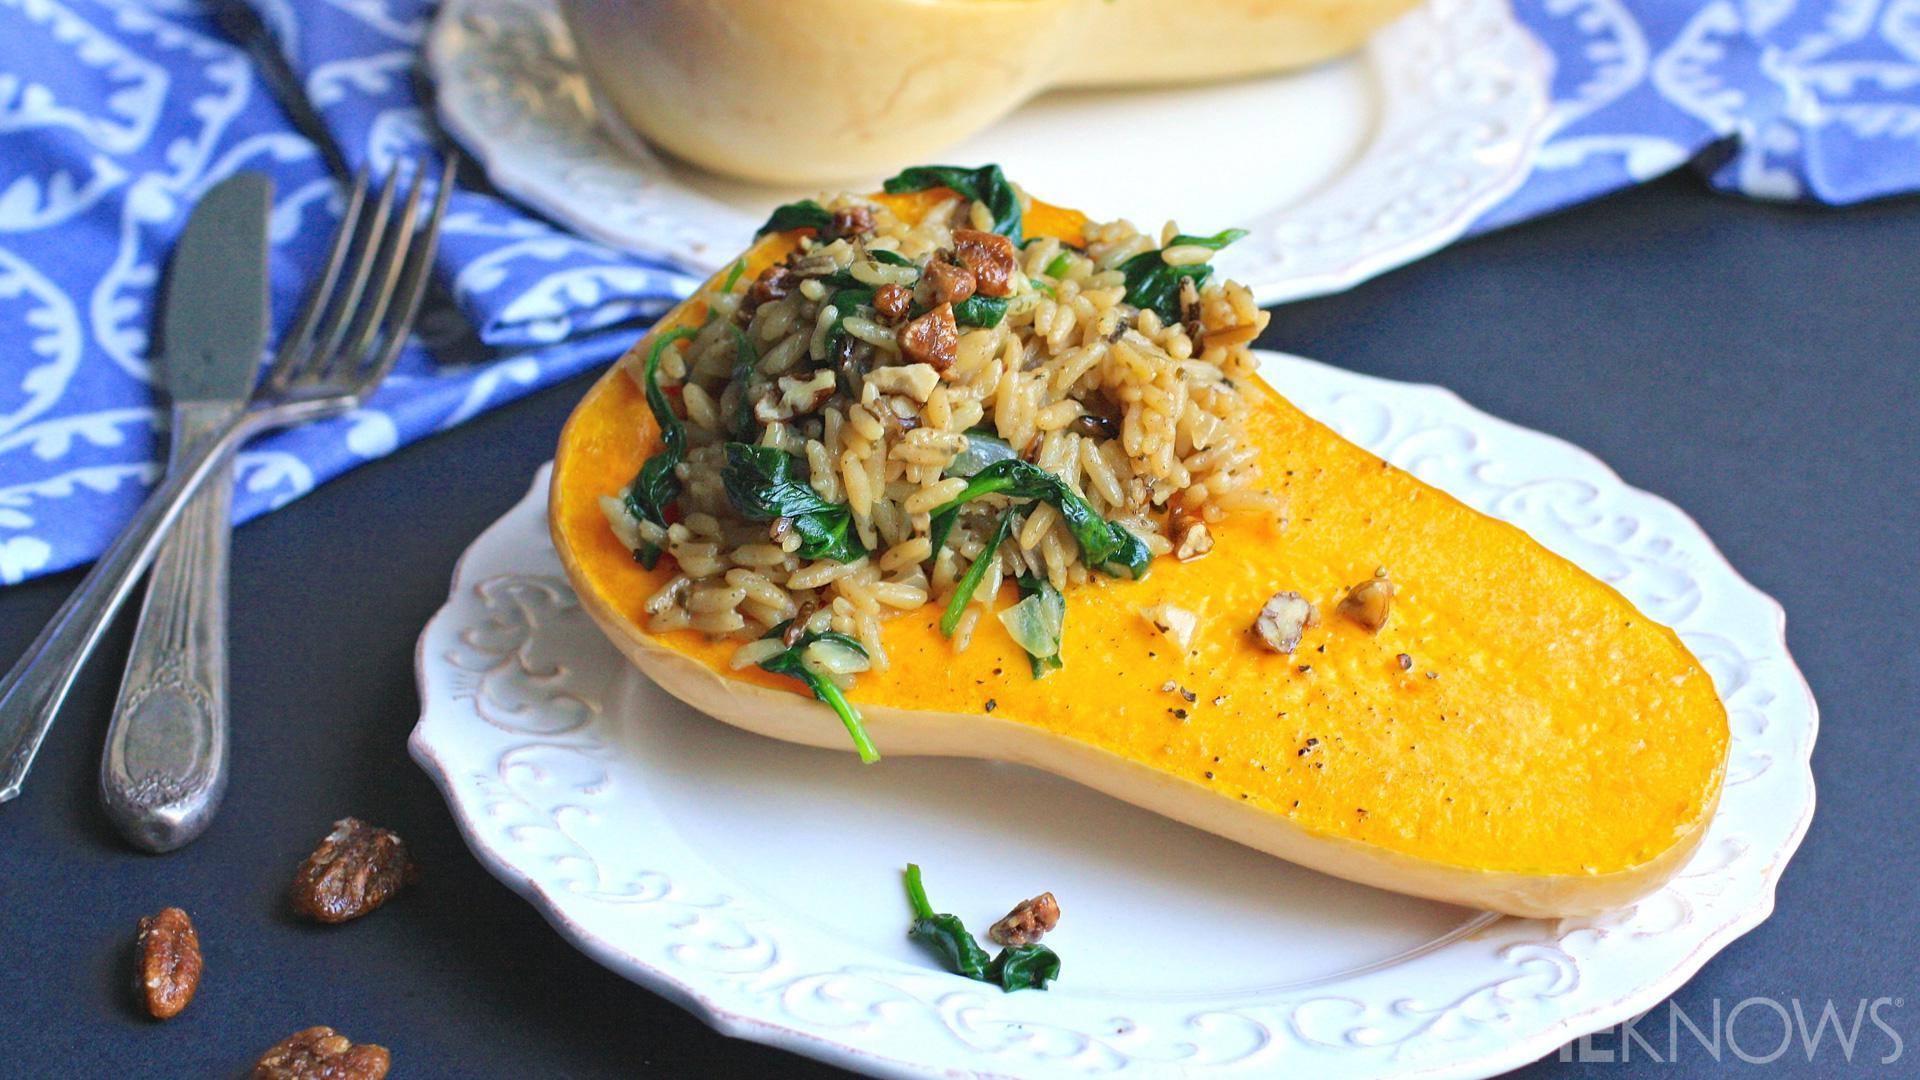 Vegan Butternut Squash Recipes  Vegan brown rice and spinach stuffed butternut squash